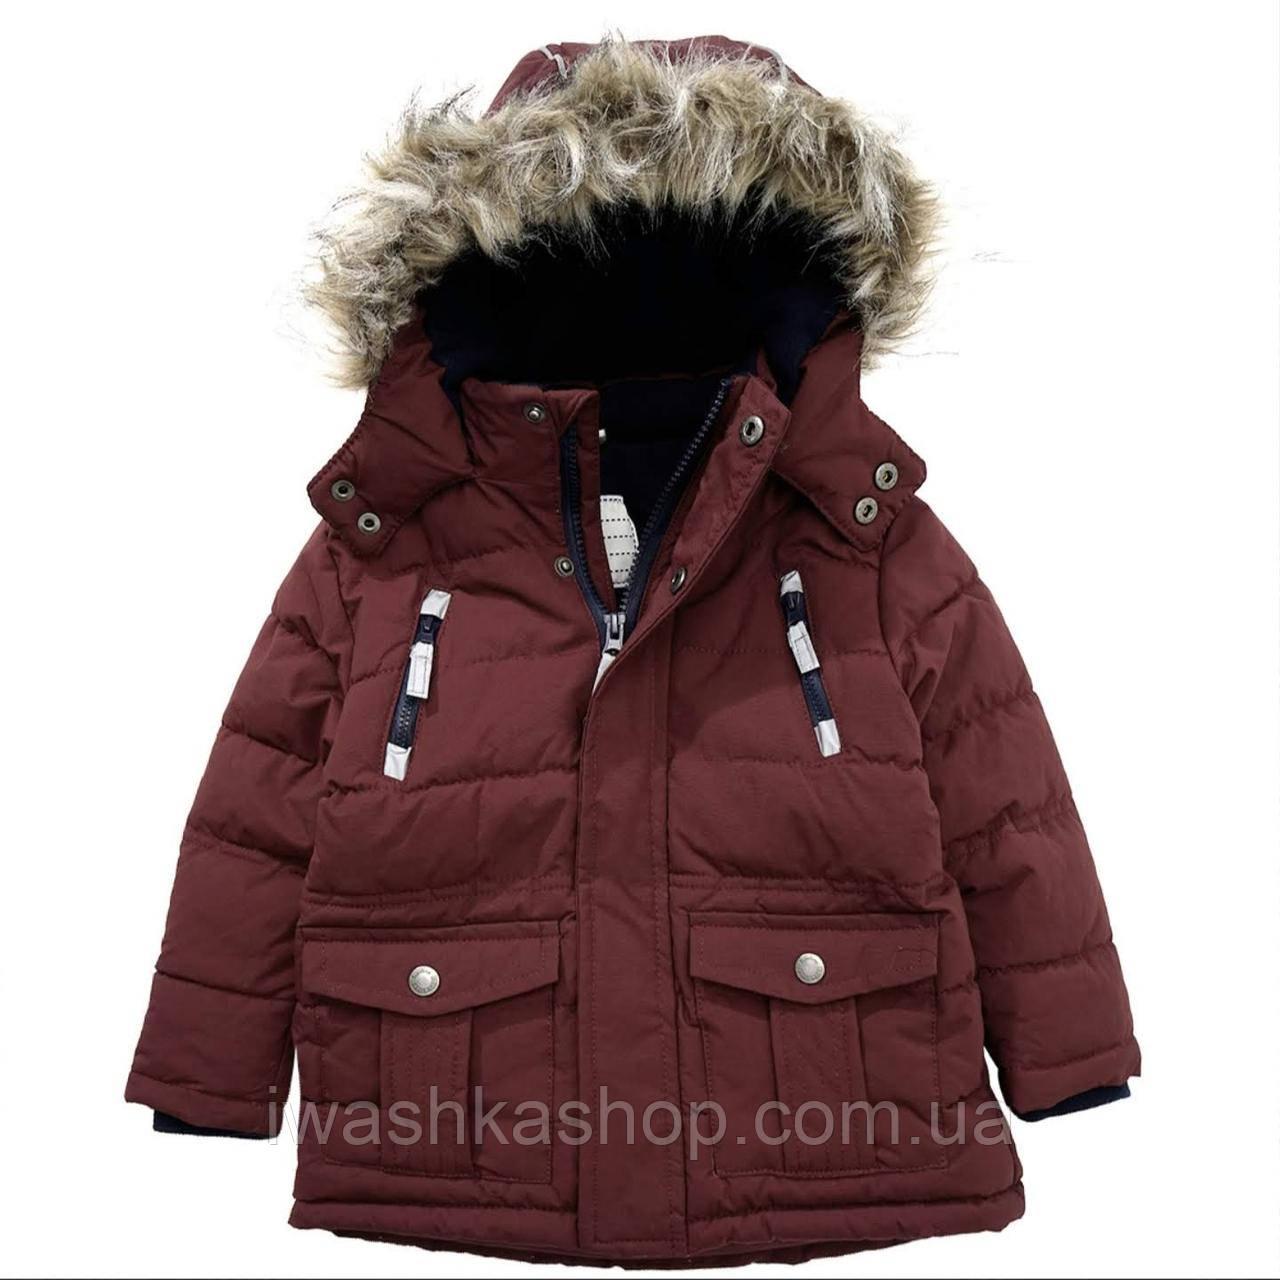 Зимняя куртка с мехом на мальчика 4 - 5 лет, р. 110, Topolino, Германия